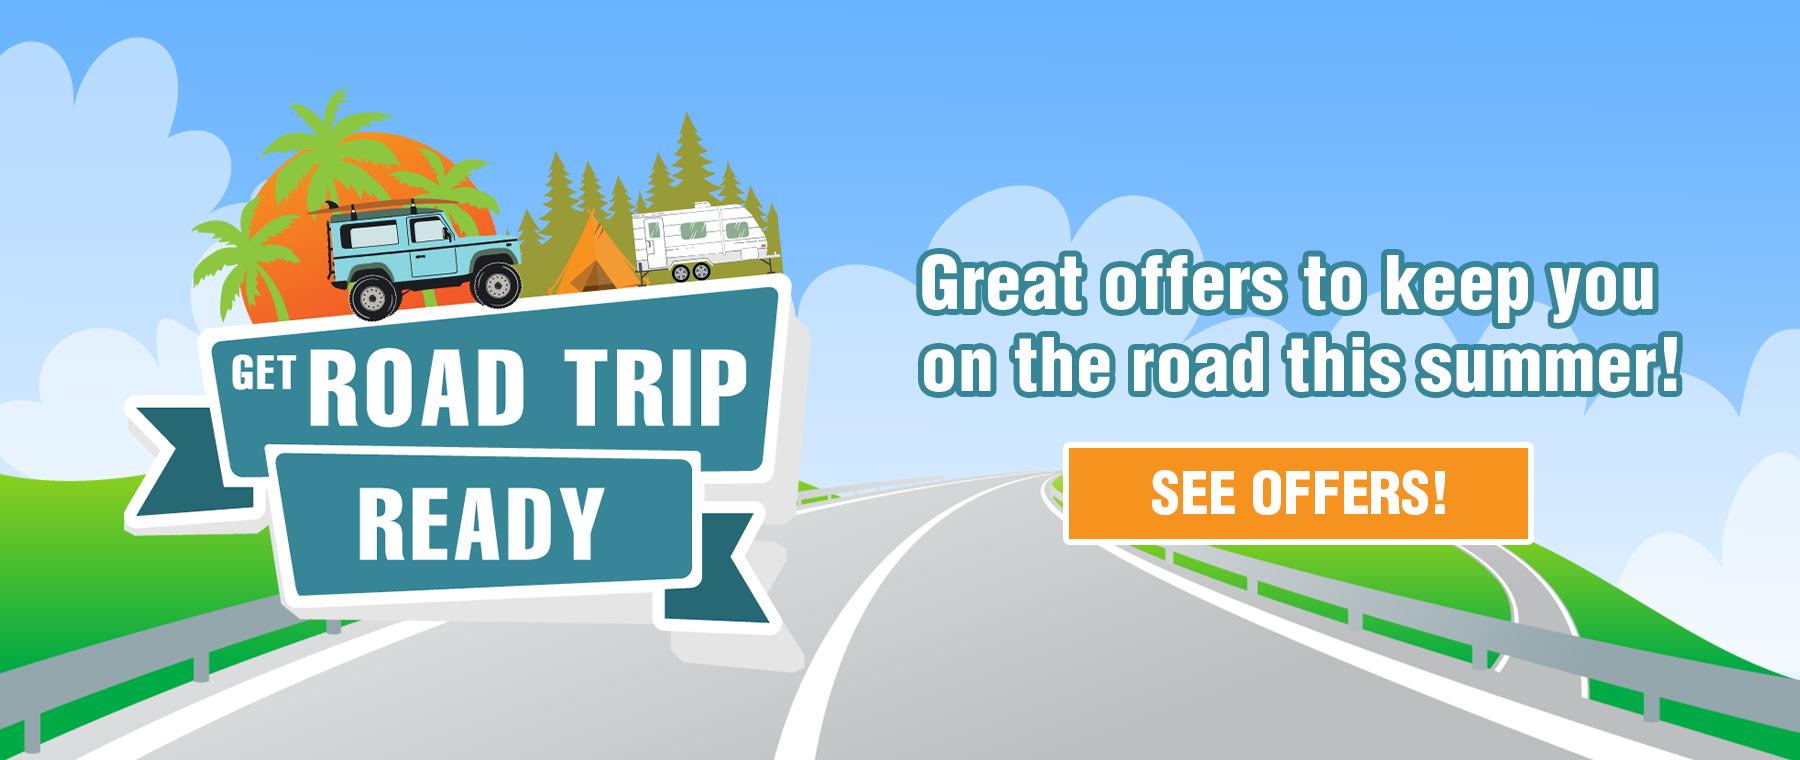 6306-SMBGS-Road Trip Ready-DESKTOP